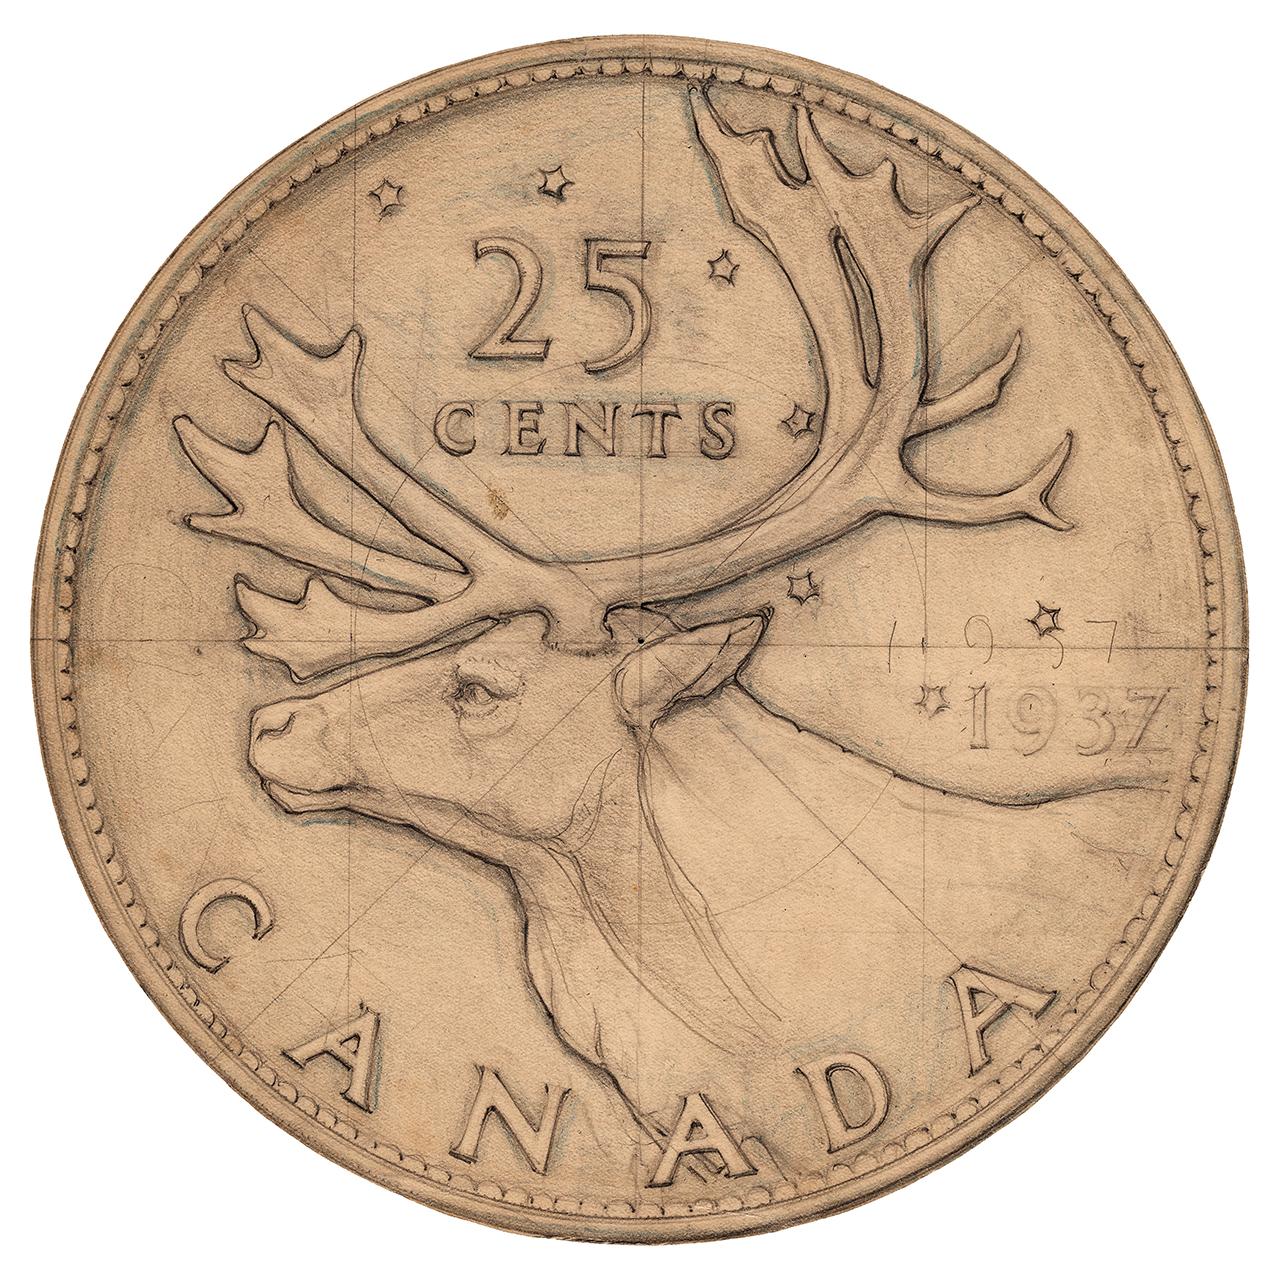 sketch of a coin design